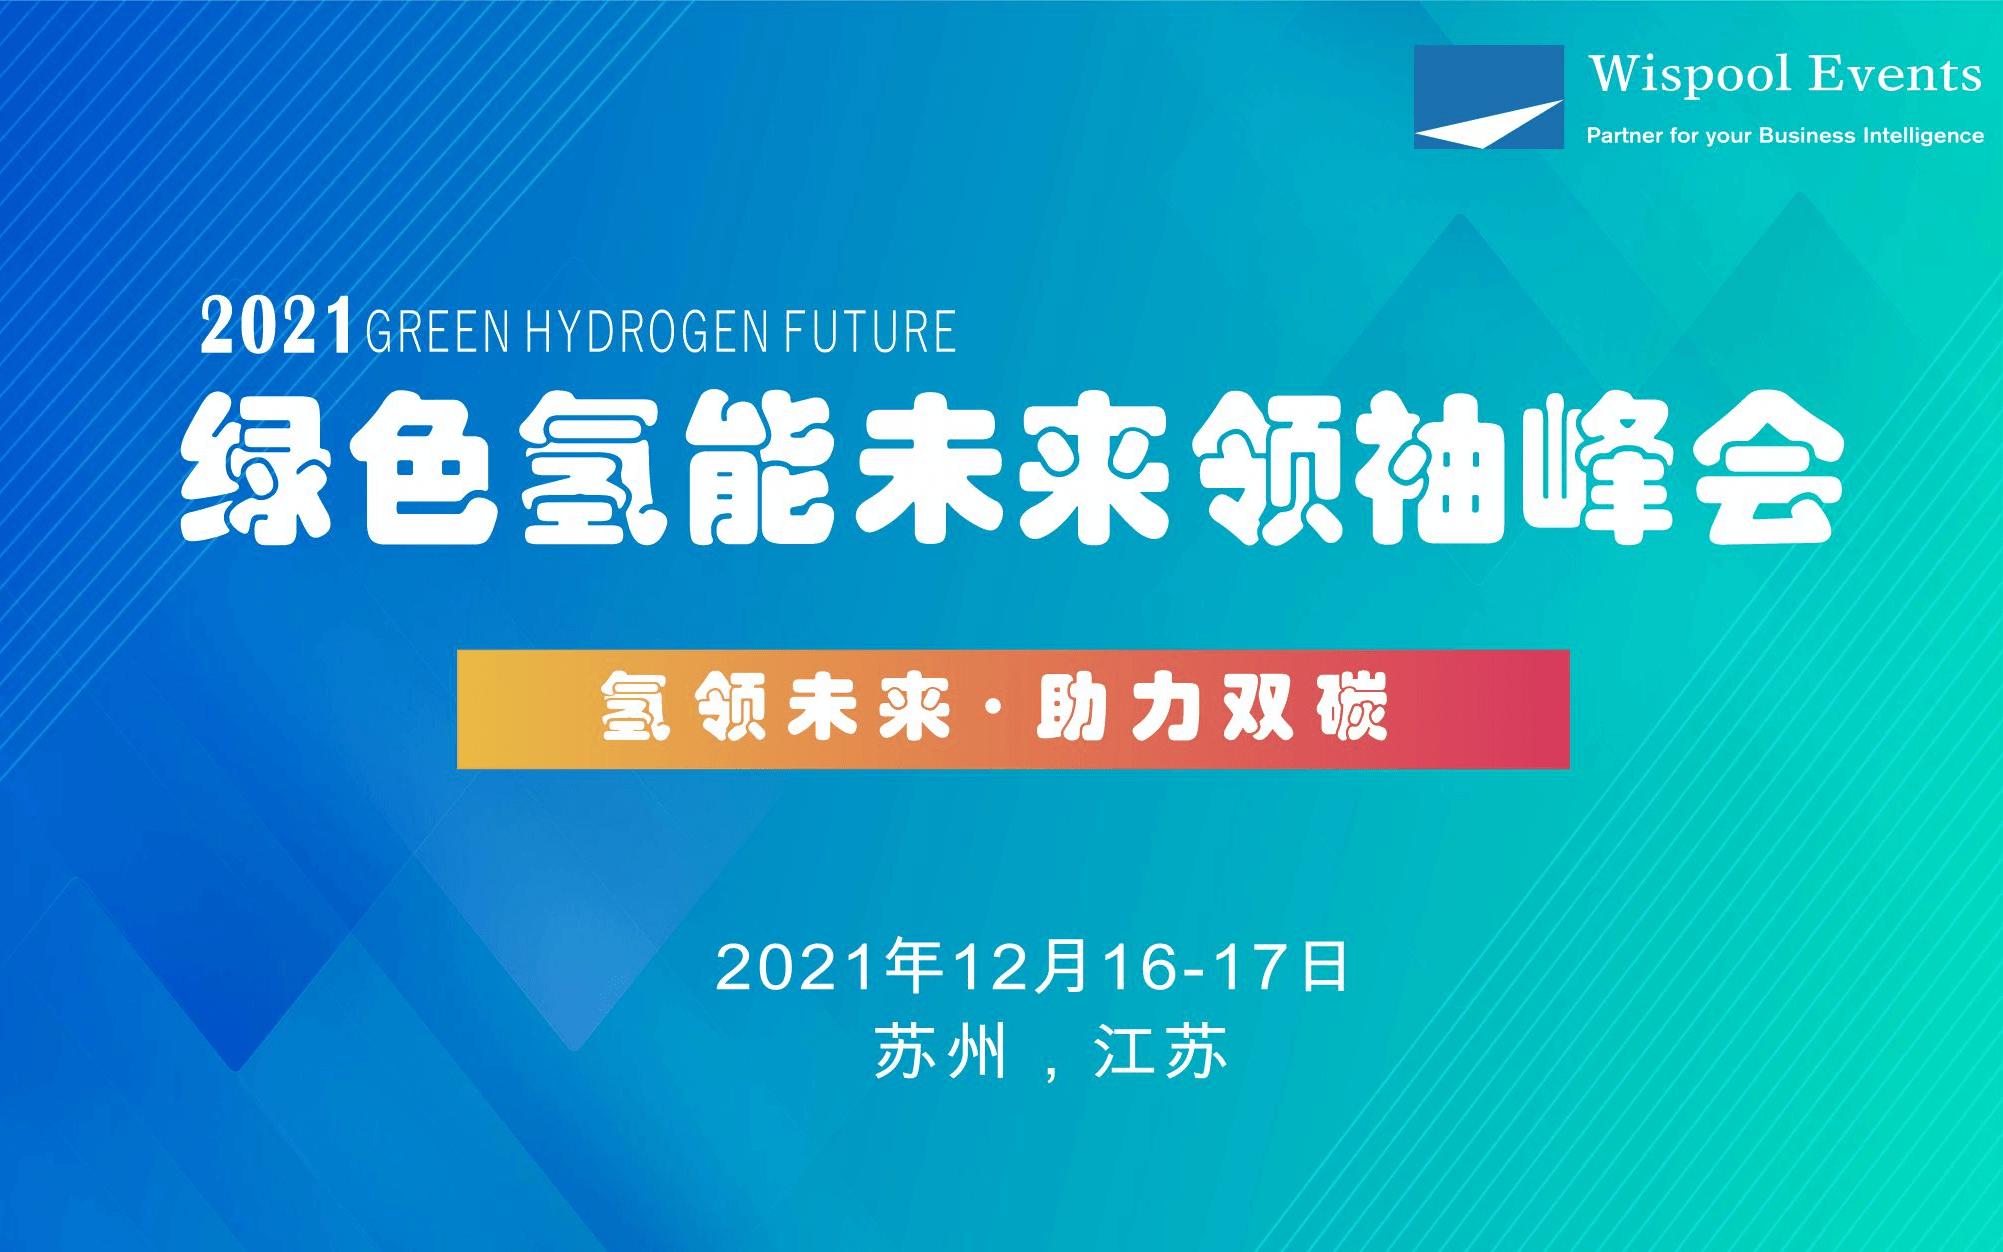 2021绿色氢能未来领袖峰会(苏州)